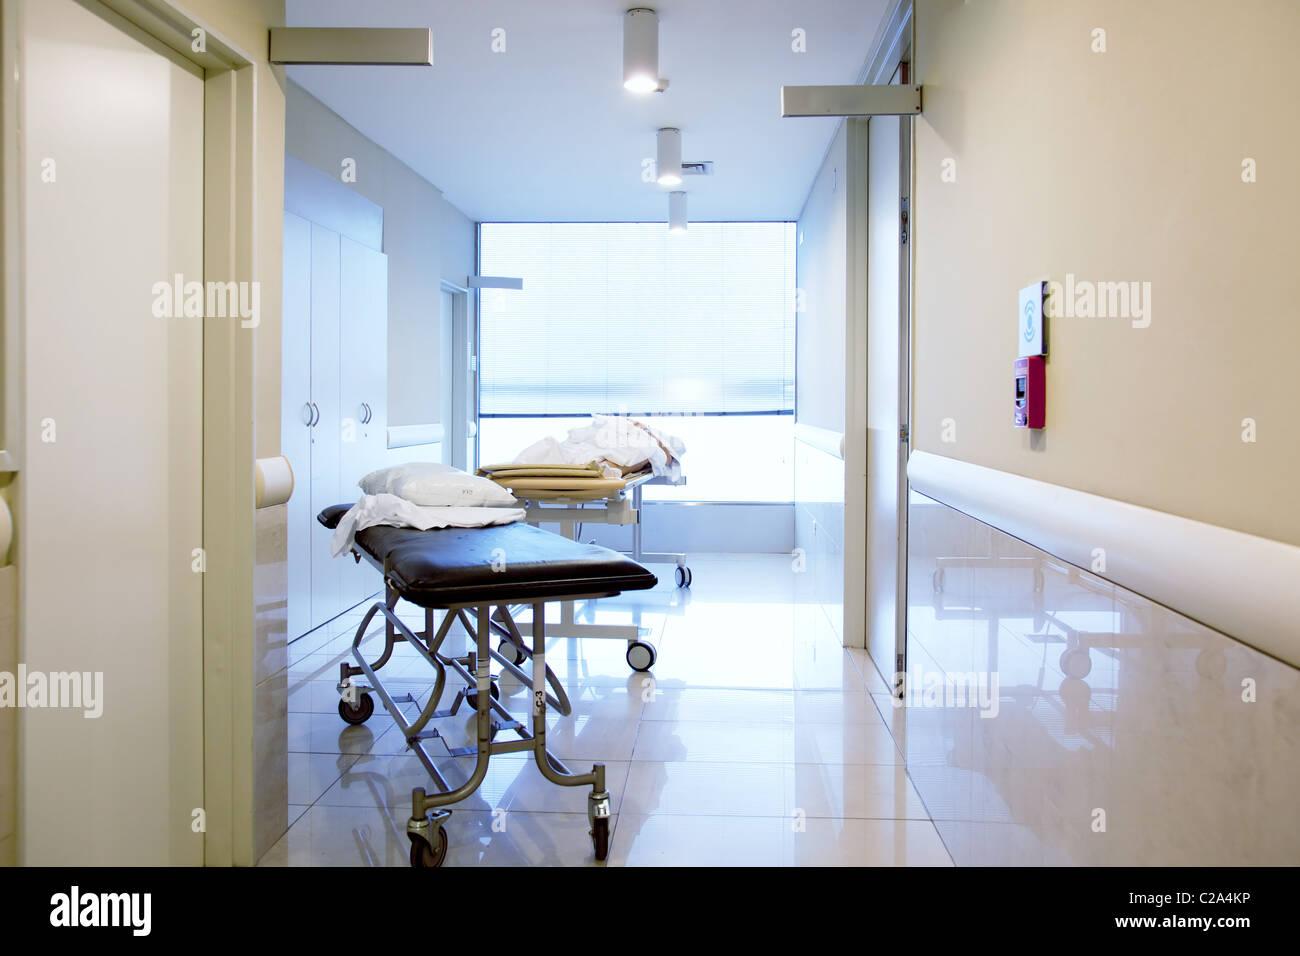 Innenansicht eines Krankenhaus-Flur mit ein paar Bahren Stockfoto